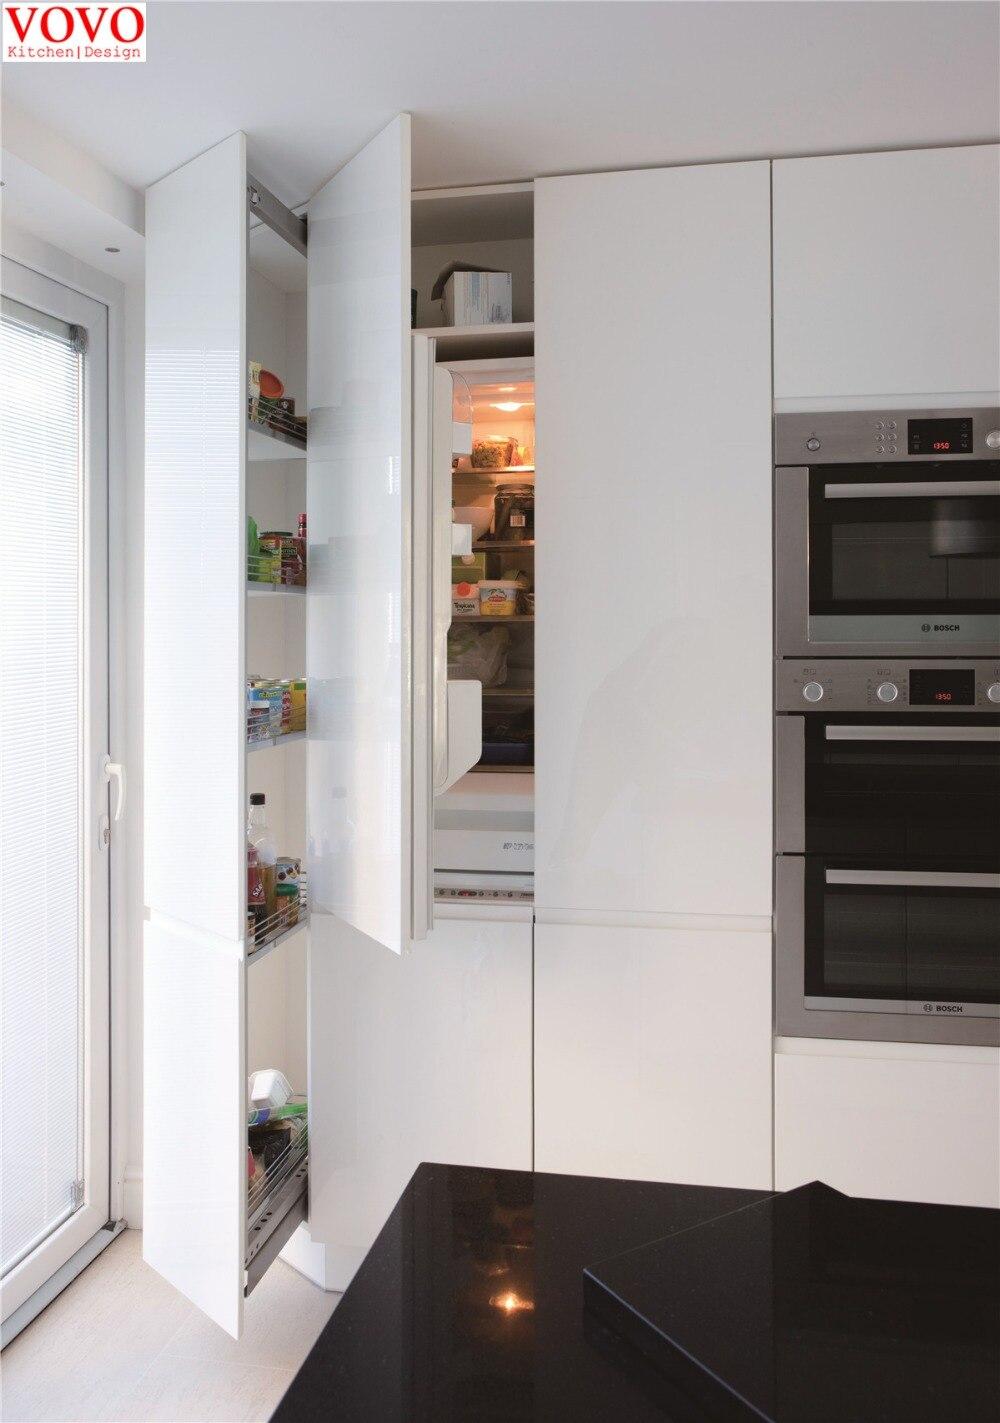 Gabinetes de cocina de estilo moderno en color blanco for Gabinete de cocina de pared de color blanco